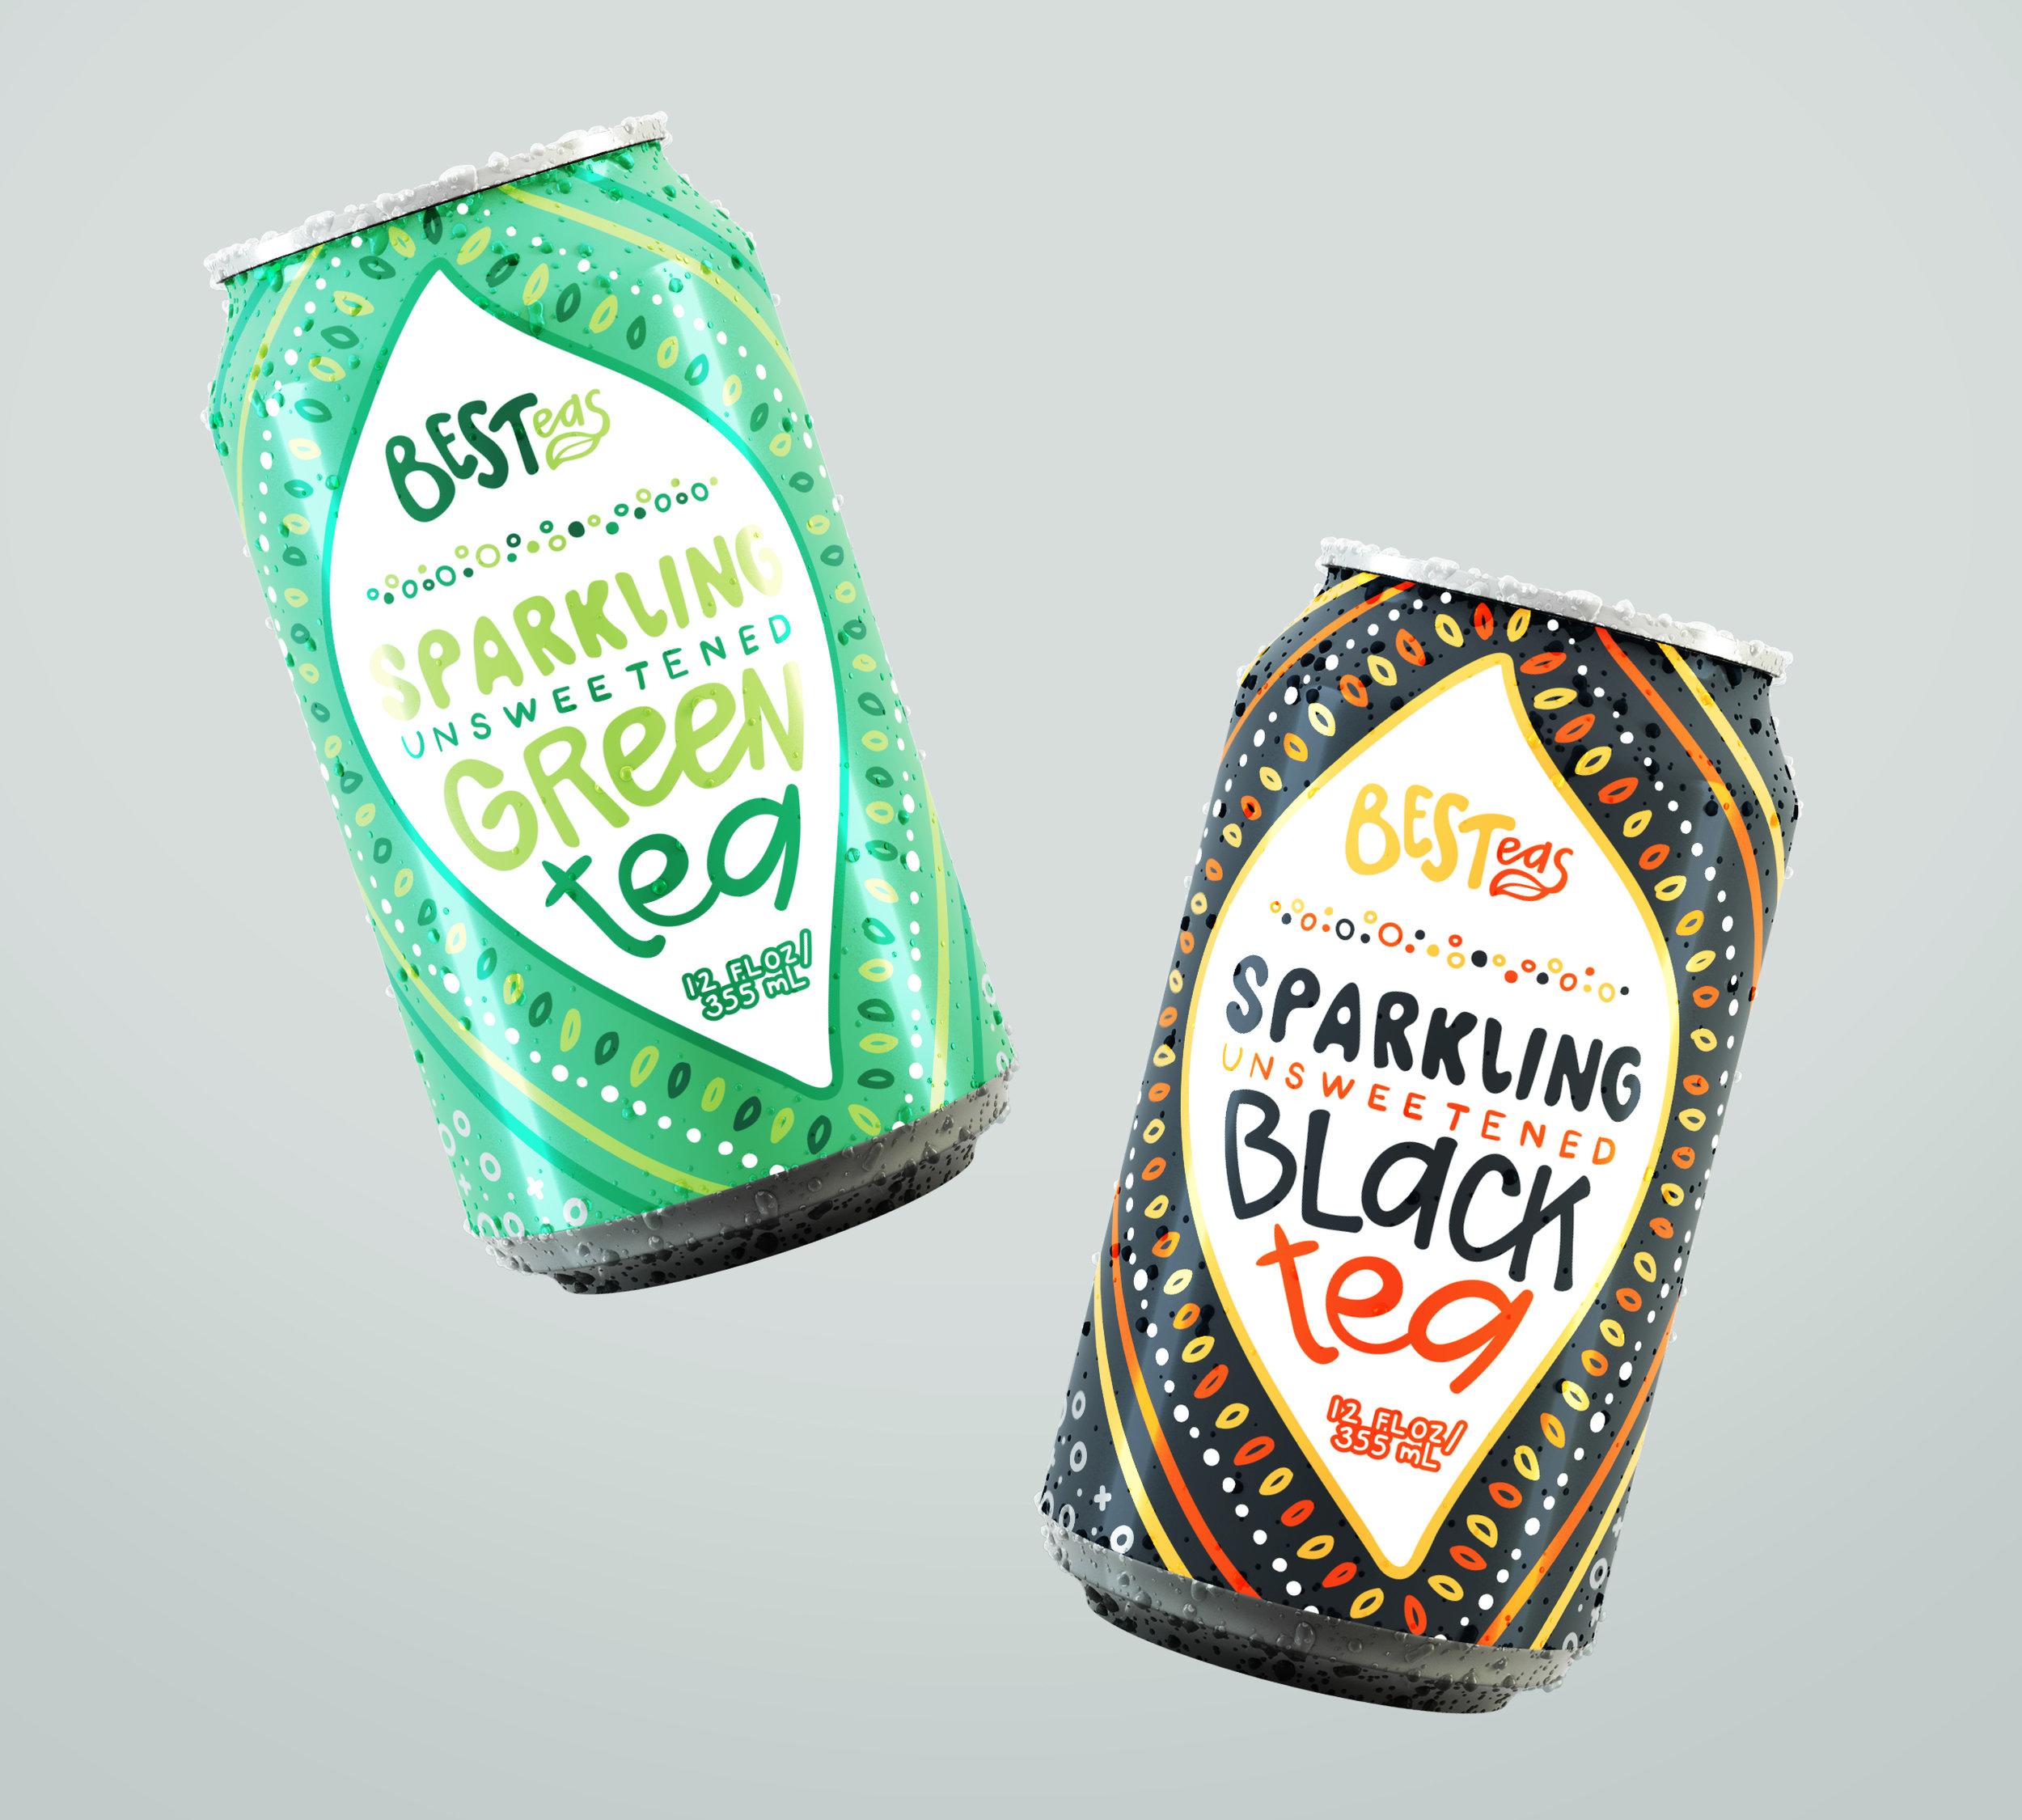 B E S T E A S   branding / packaging